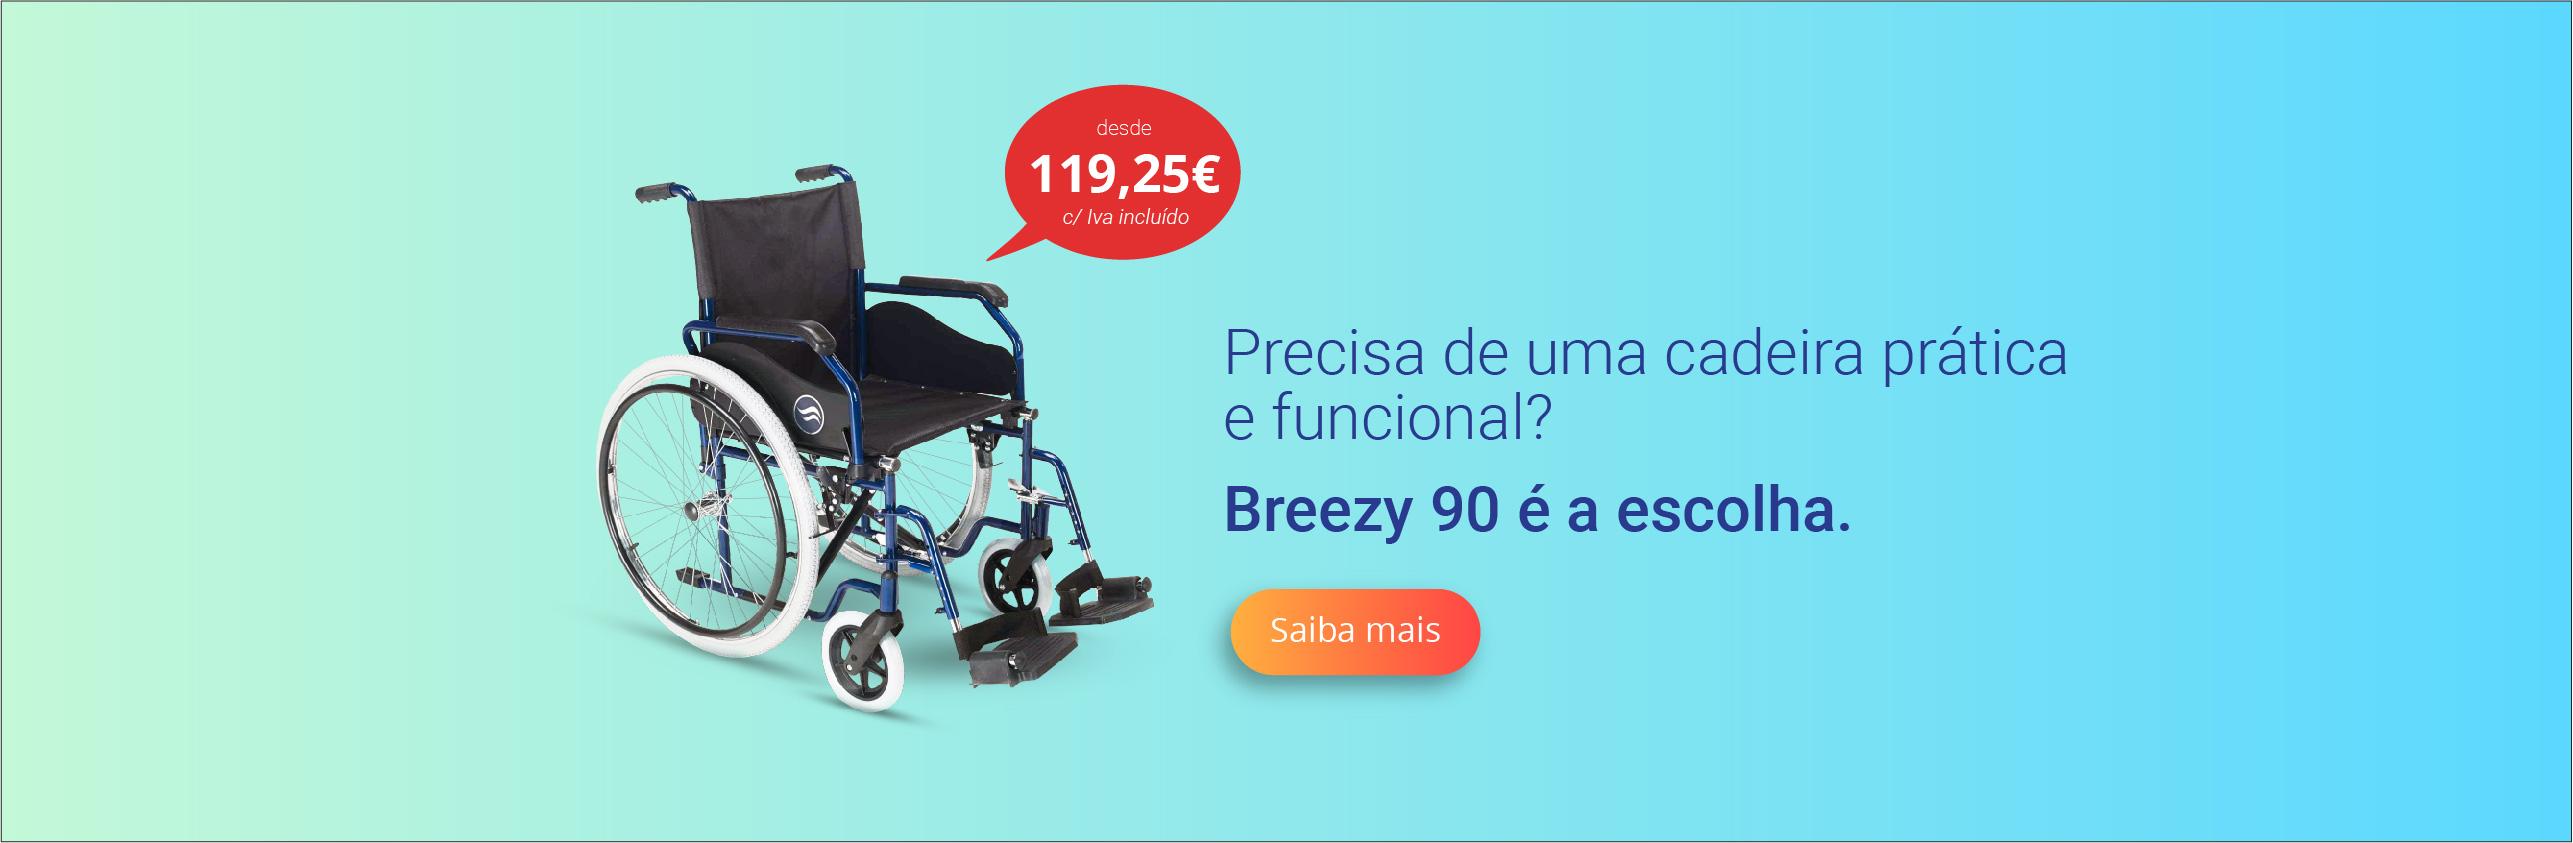 Cadeira de rodas Breezy 90 IACESS Ortopedia